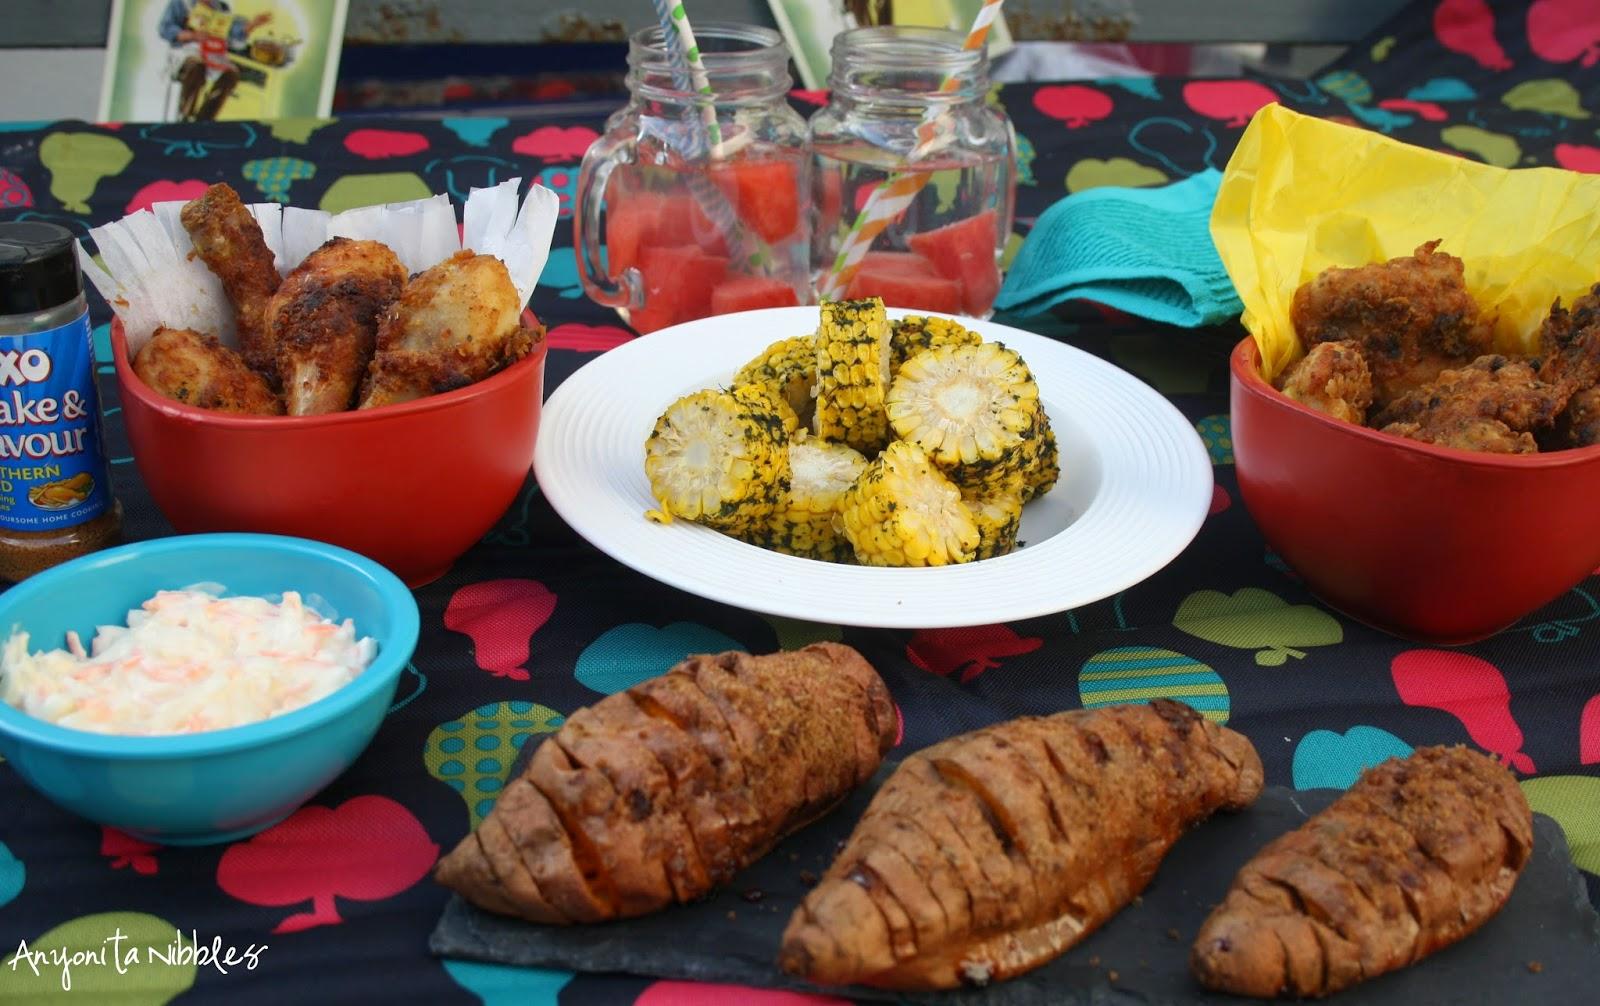 Picnic food from Anyonita Nibbles